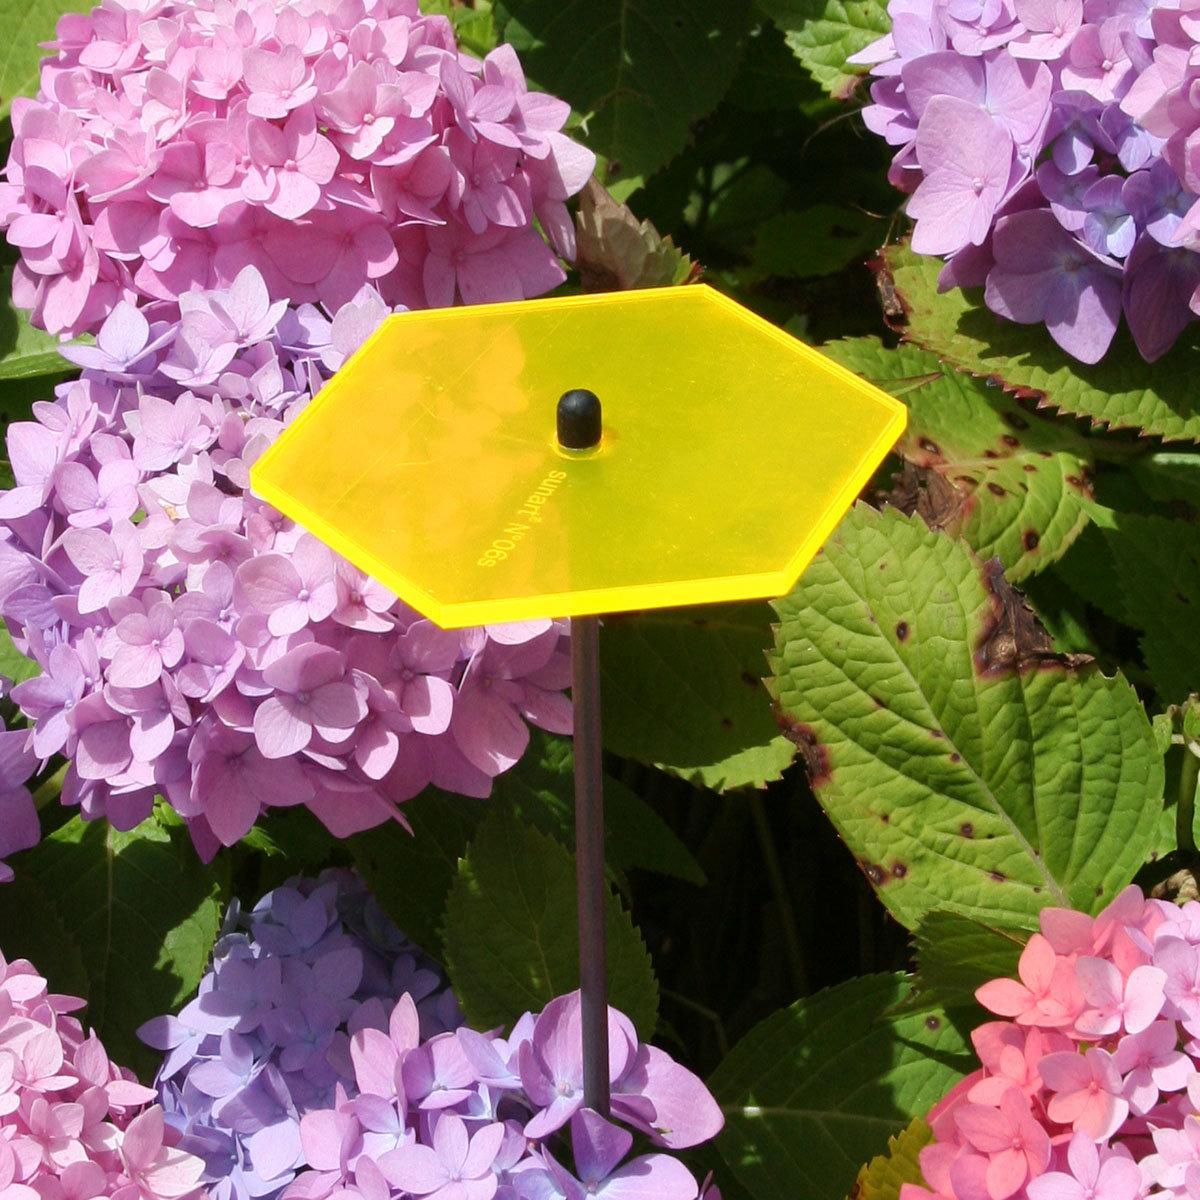 sunart® Acrylglas Lichtfänger, Hexagon, gelborange